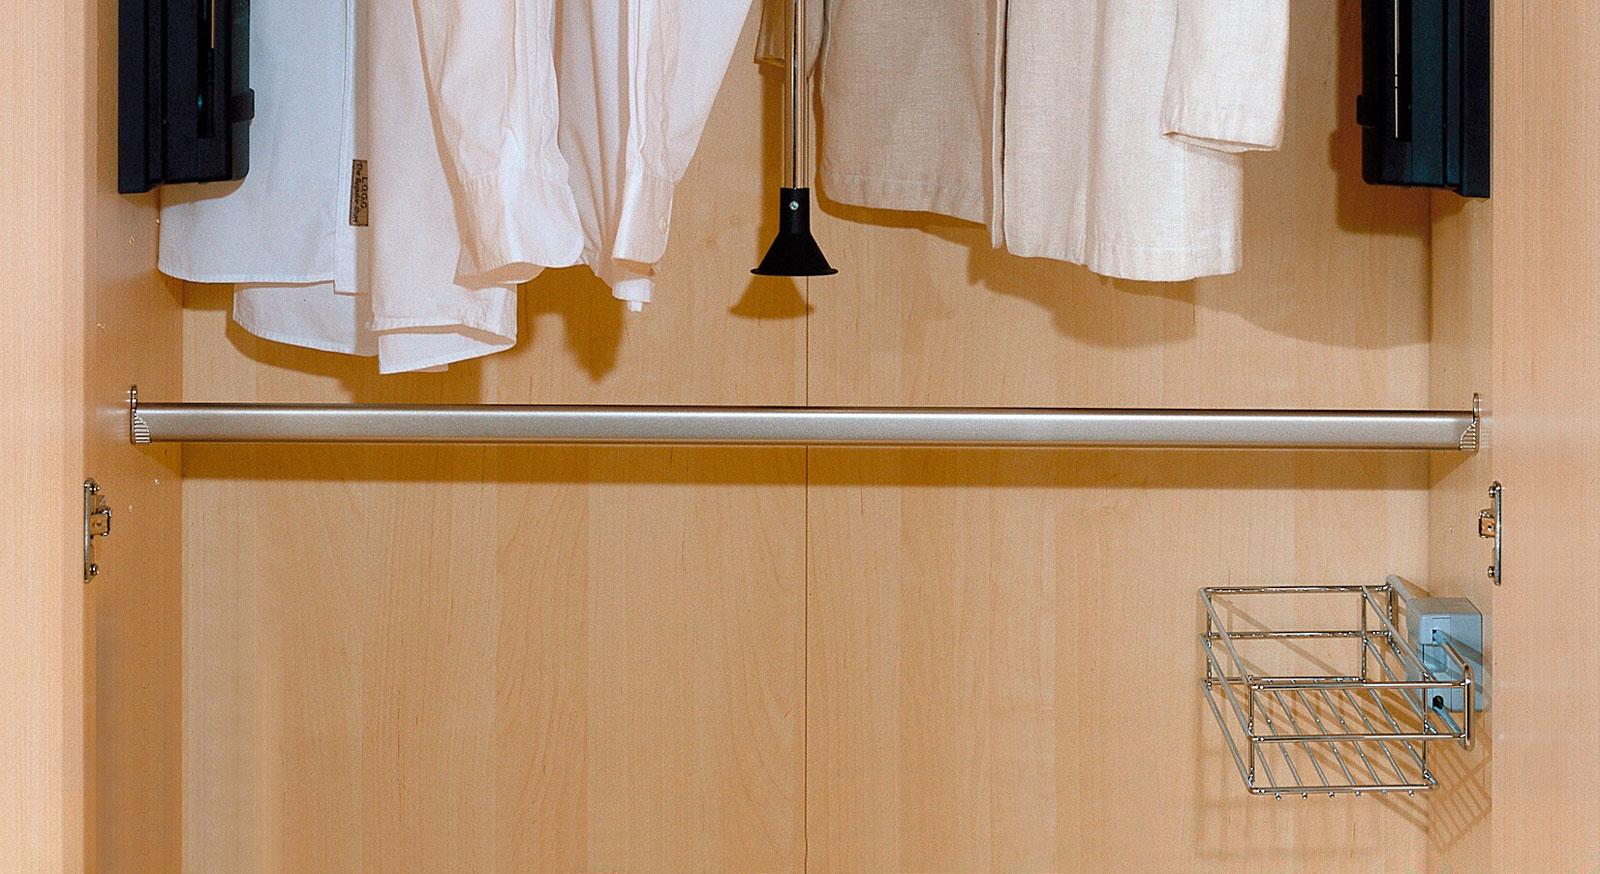 Kleiderstange als Schrank-Zubehör